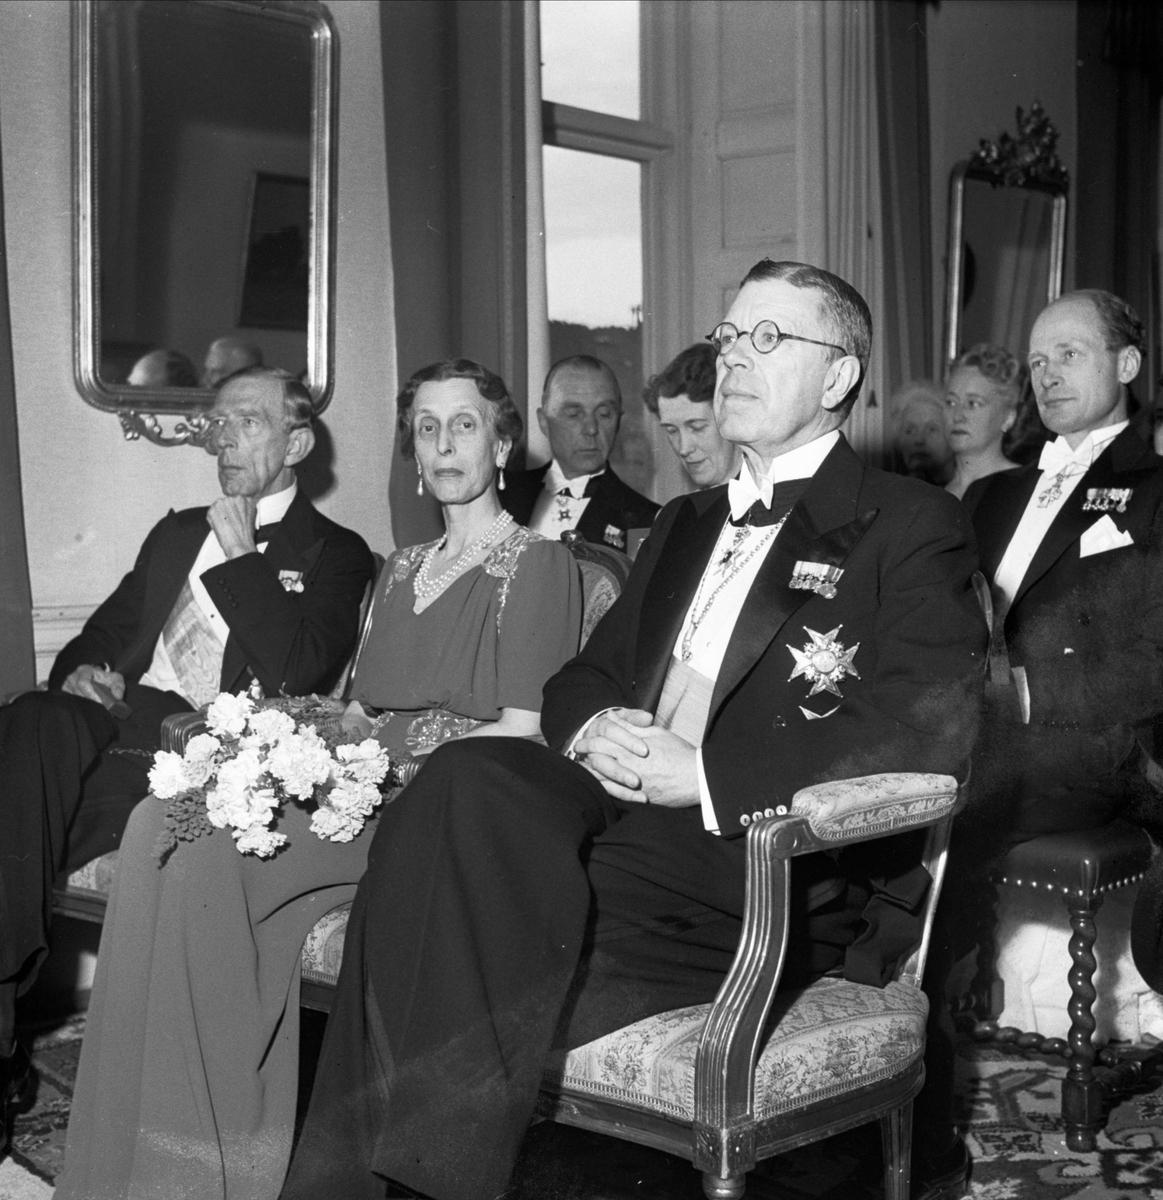 Karl Johansförbundets möte, Uppsala 1948. Kronprinsparet Gustav Adolf och Louise